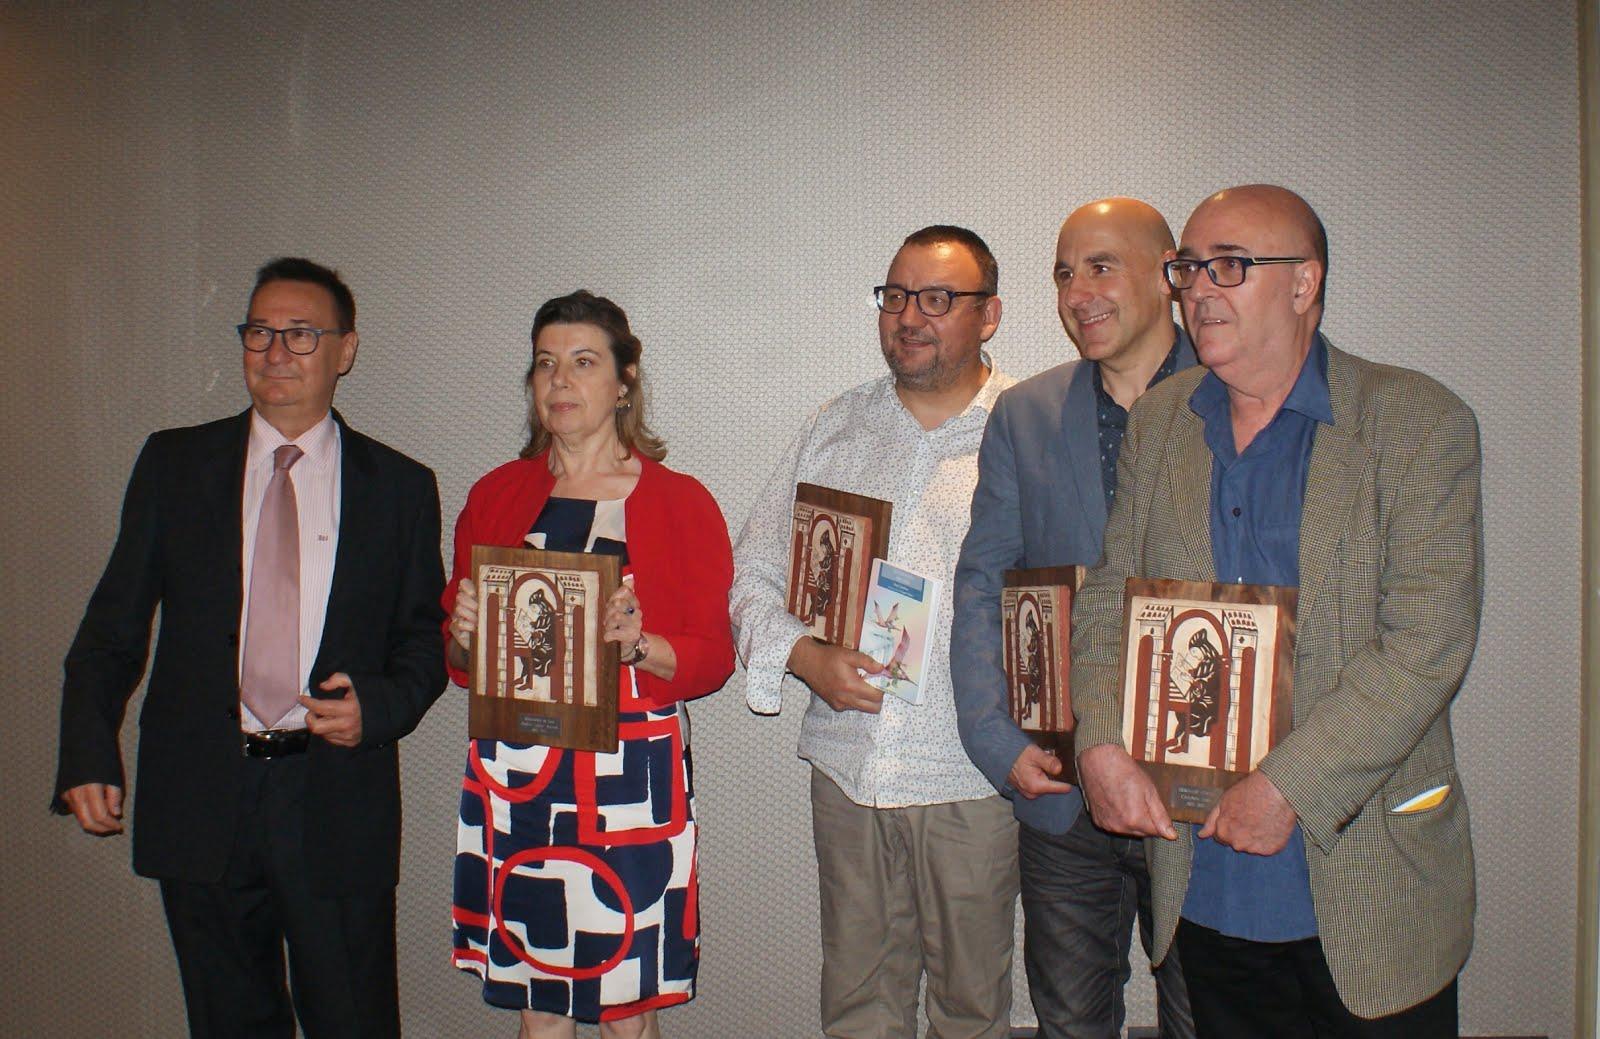 Premiats 2017